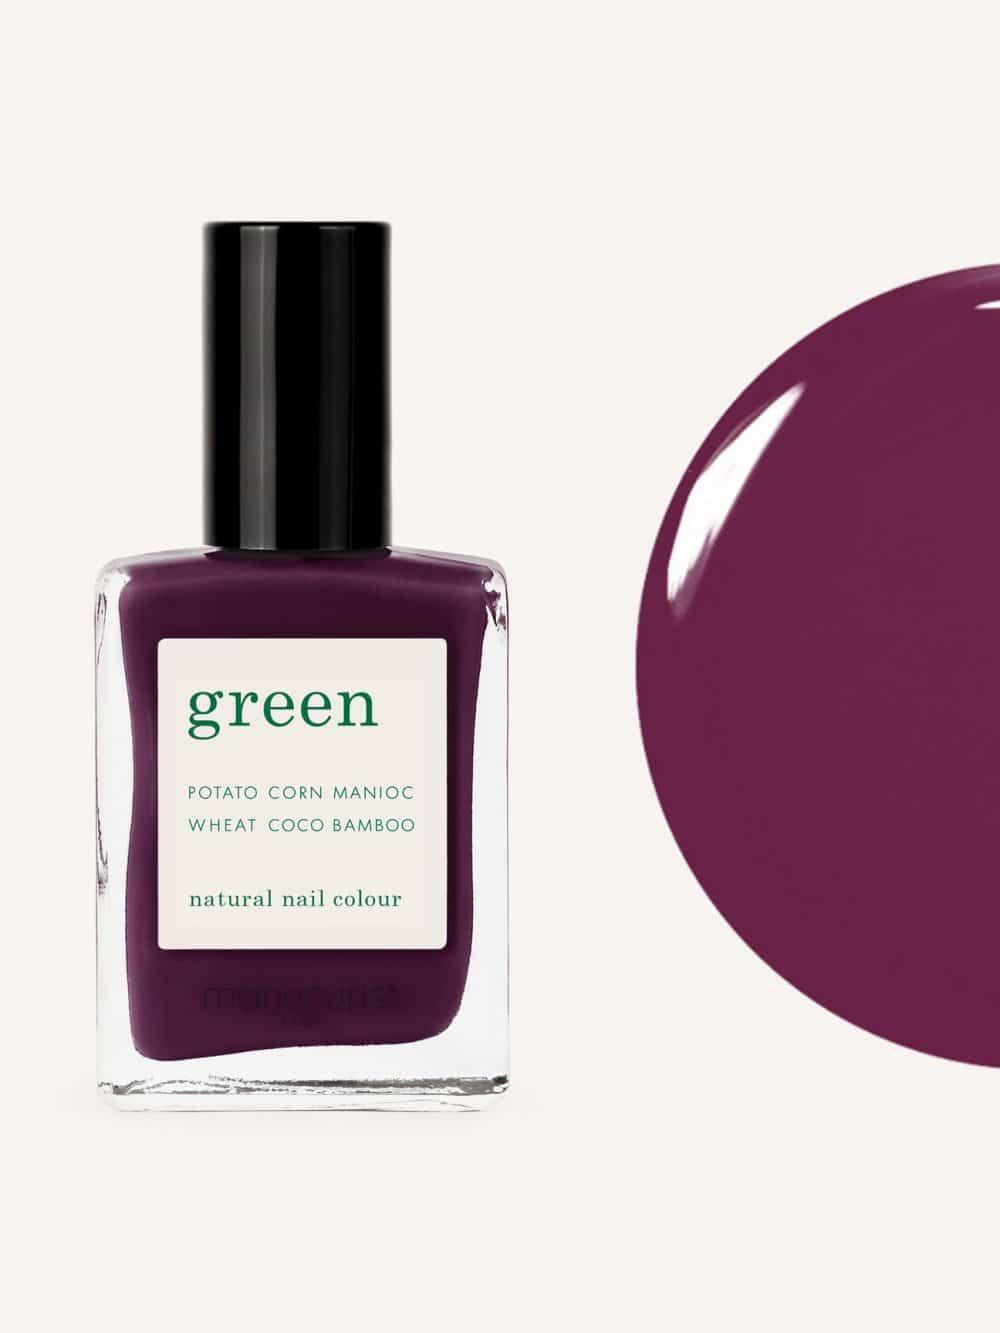 vernis à ongles bio green de la marque Manucurist made in france de couleur violet purple spinel